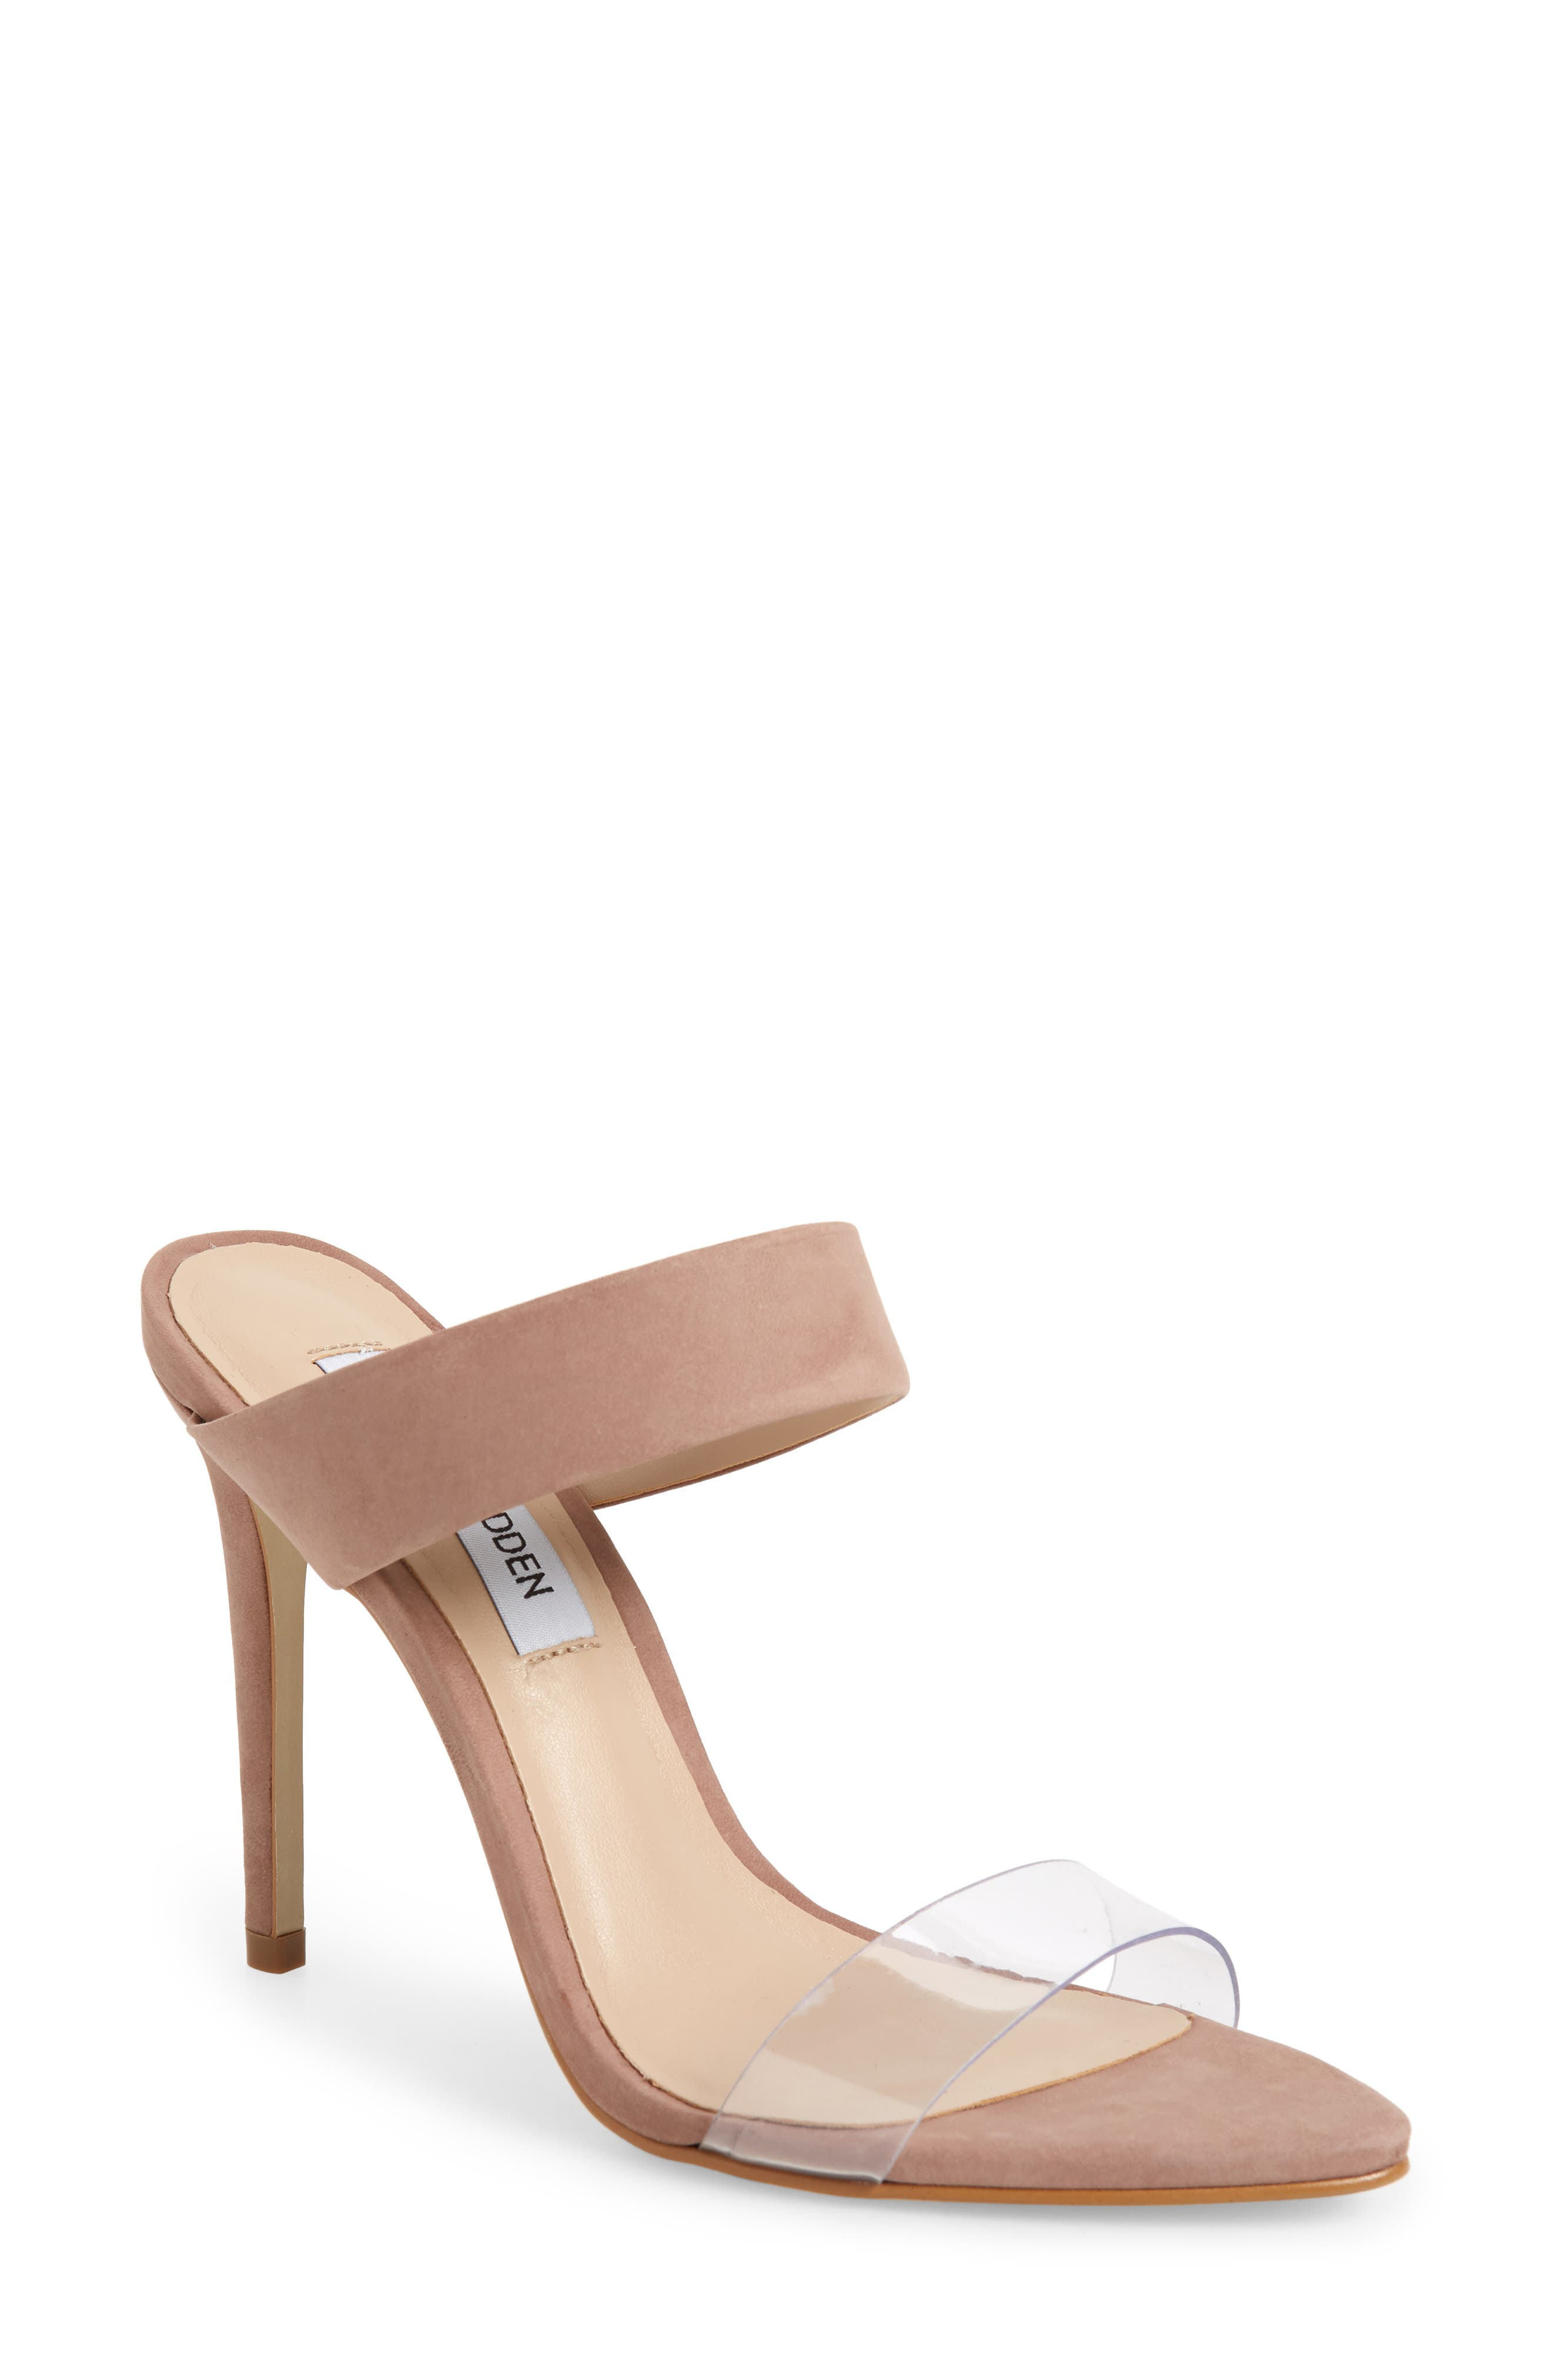 Steve Madden Amaya Clear Slide Sandal, Pink